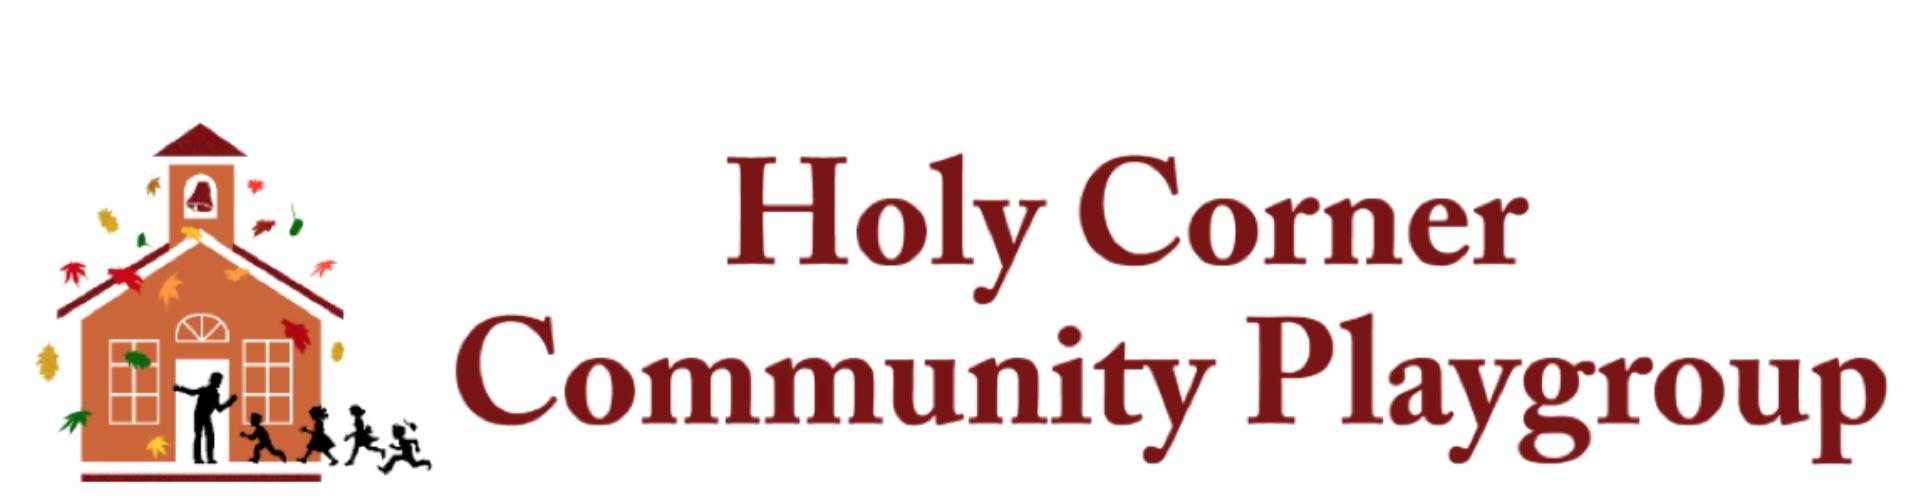 Holy Corner Community Playgroup